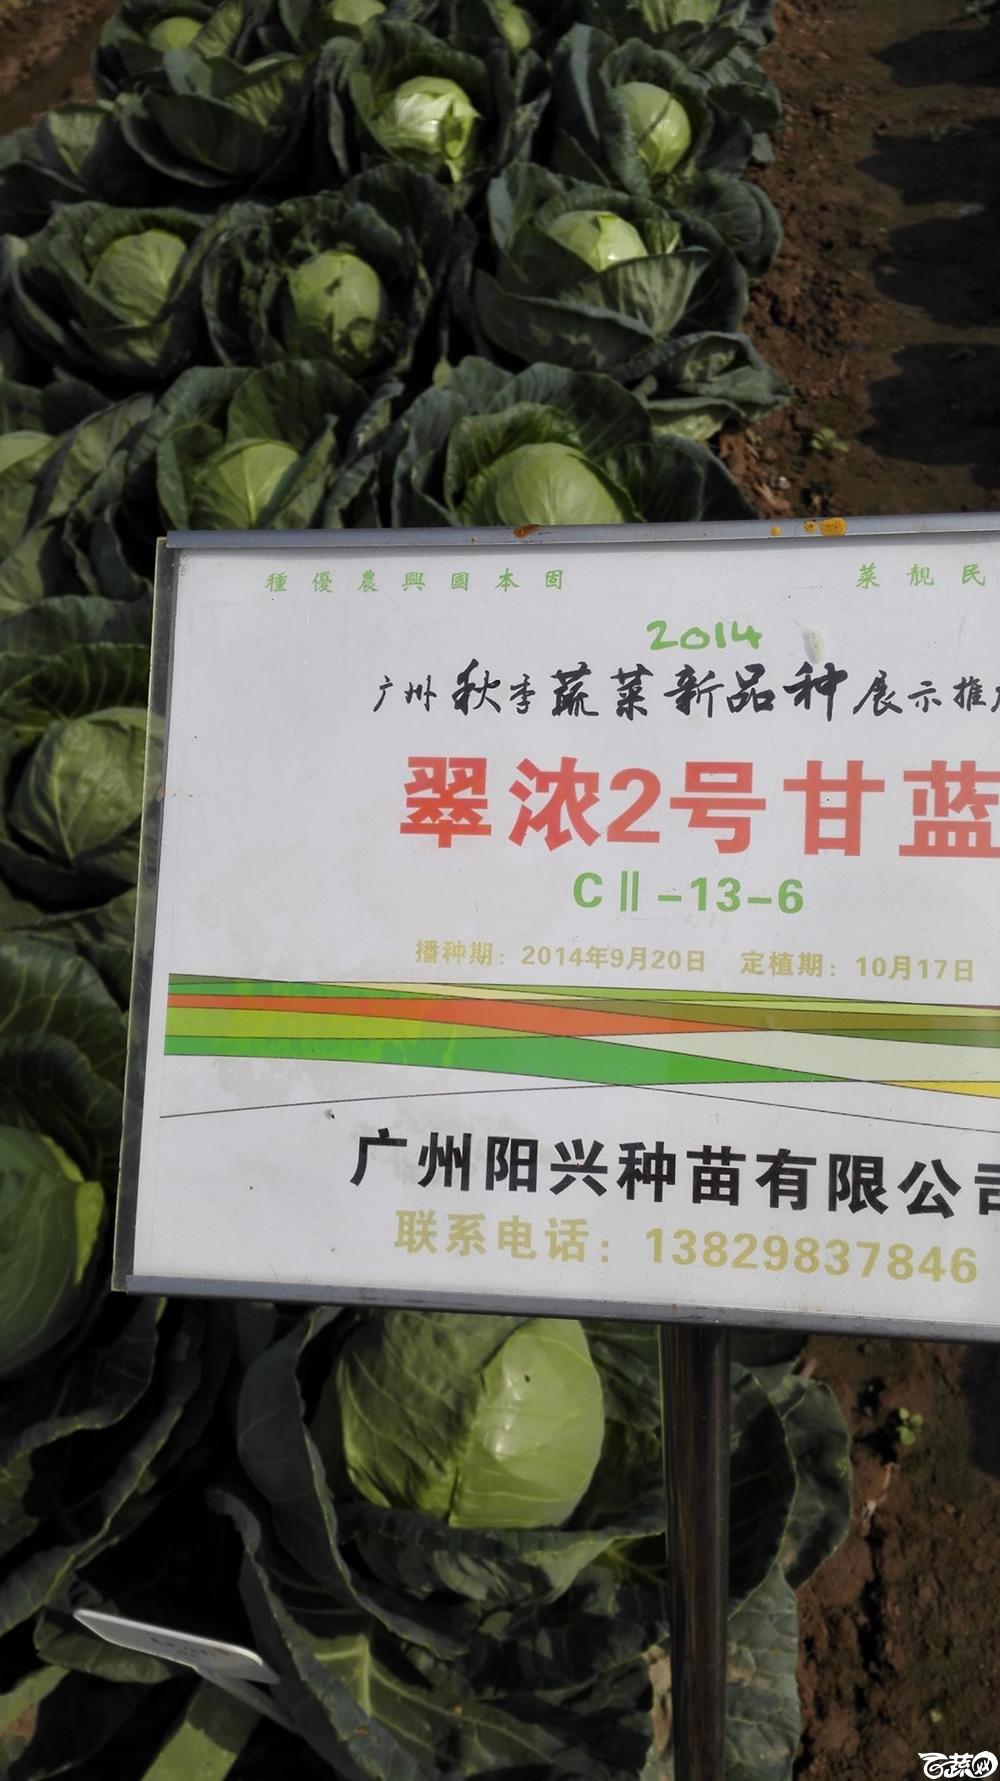 2014年12月10号广州市农科院南沙秋季蔬菜新品种展示会 甘蓝_152.jpg